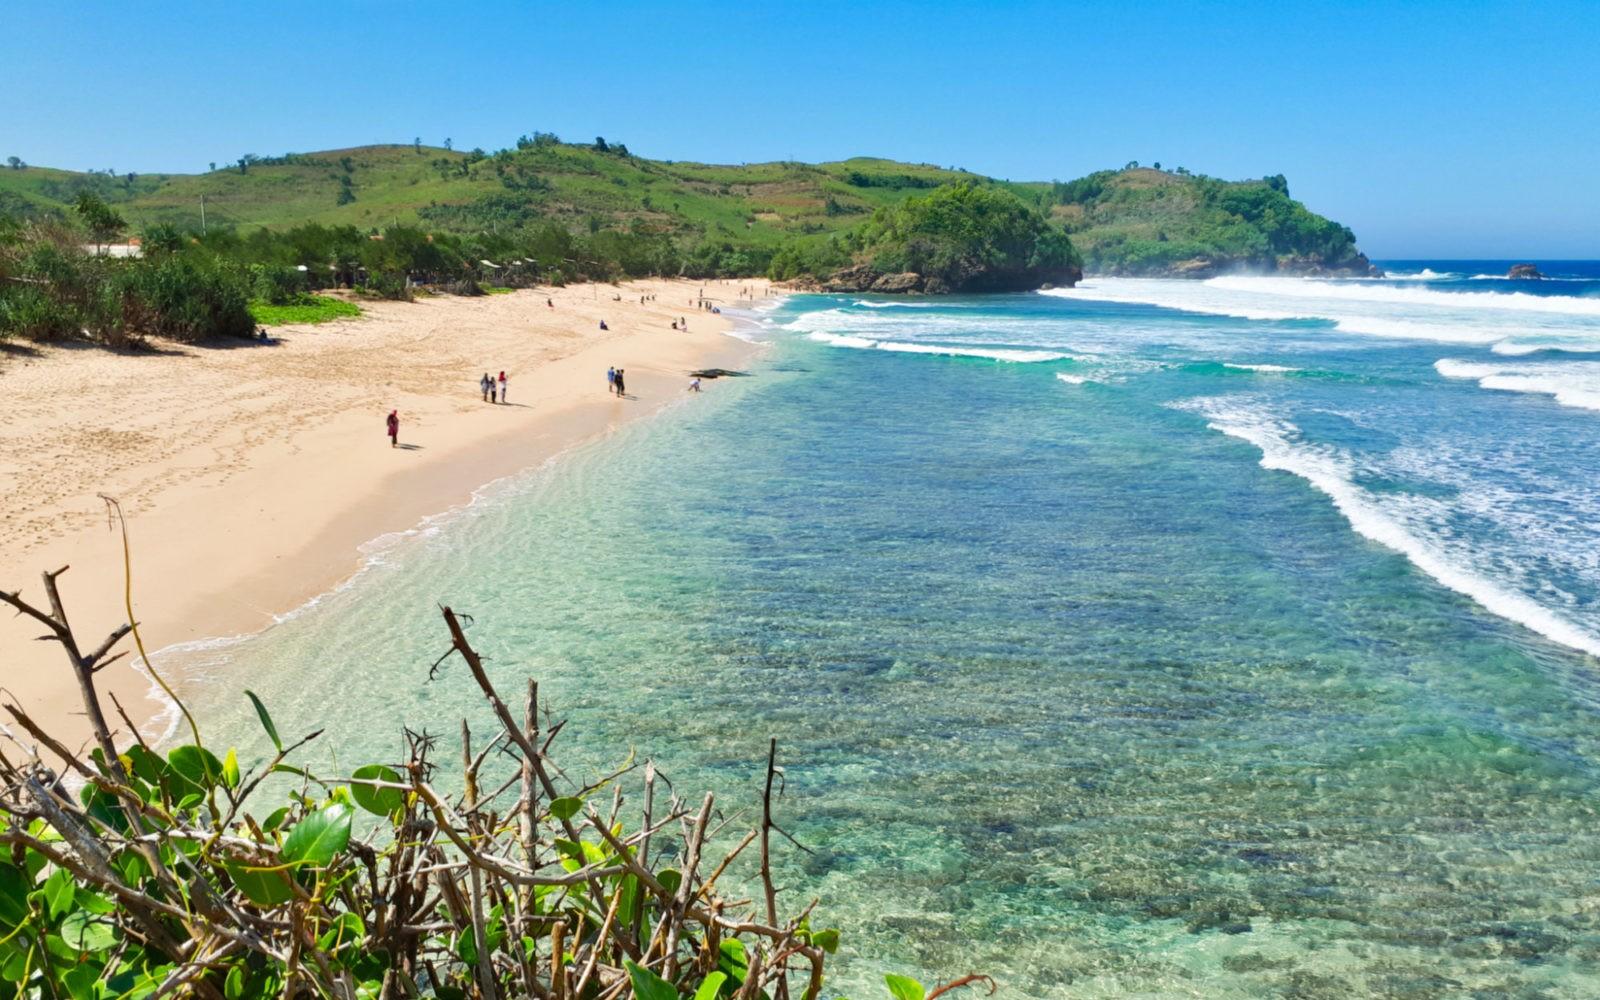 Pantai Gondo Mayit Tiket & Ragam Aktivitas Wisata Juli 2020 ...